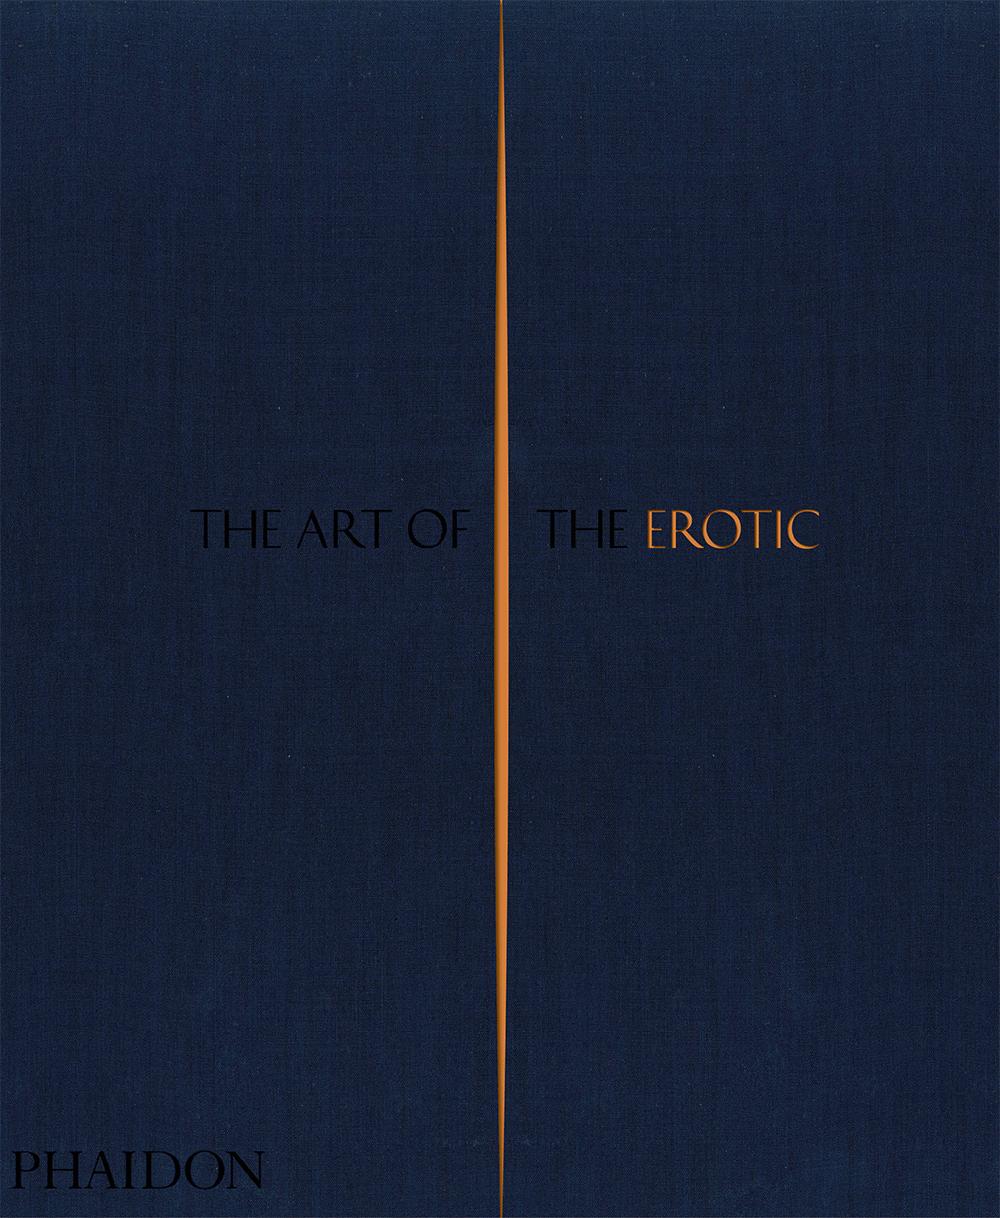 Το εξώφυλλο του βιβλίου «The Art of the Erotic» («Η Τέχνη του Ερωτικού») των εκδόσεων Phaidon